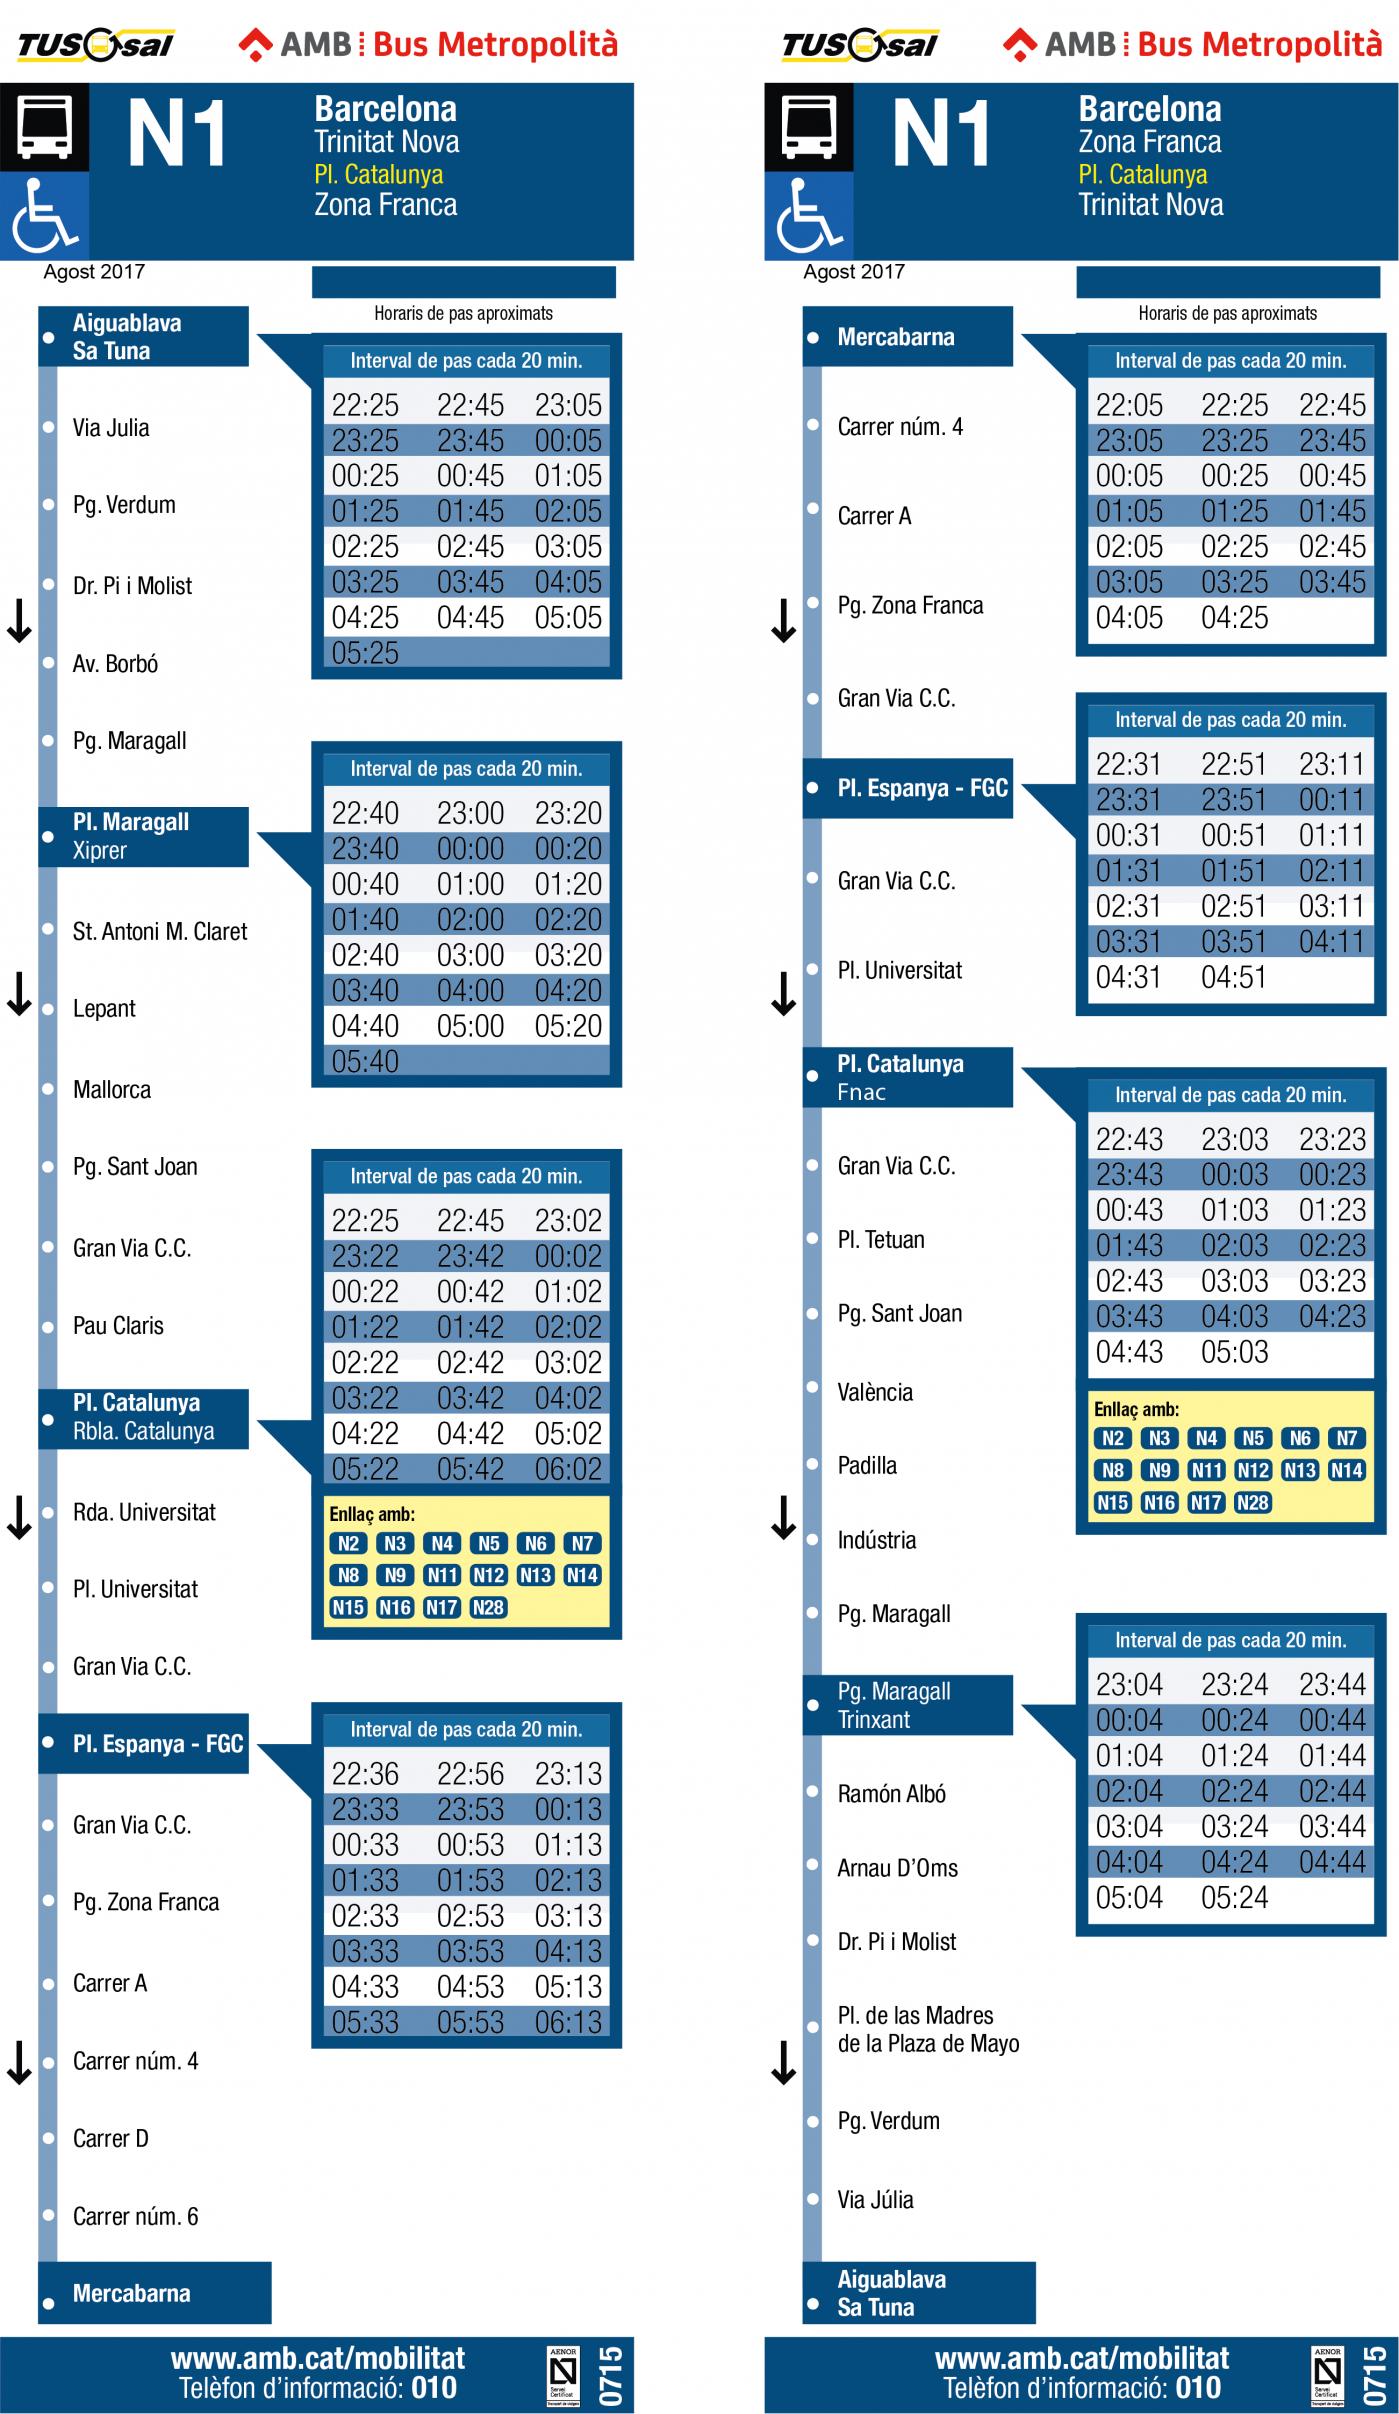 Tabla de horarios y frecuencias de paso Línea N1: Zona Franca - Plaça Catalunya - Trinitat Nova